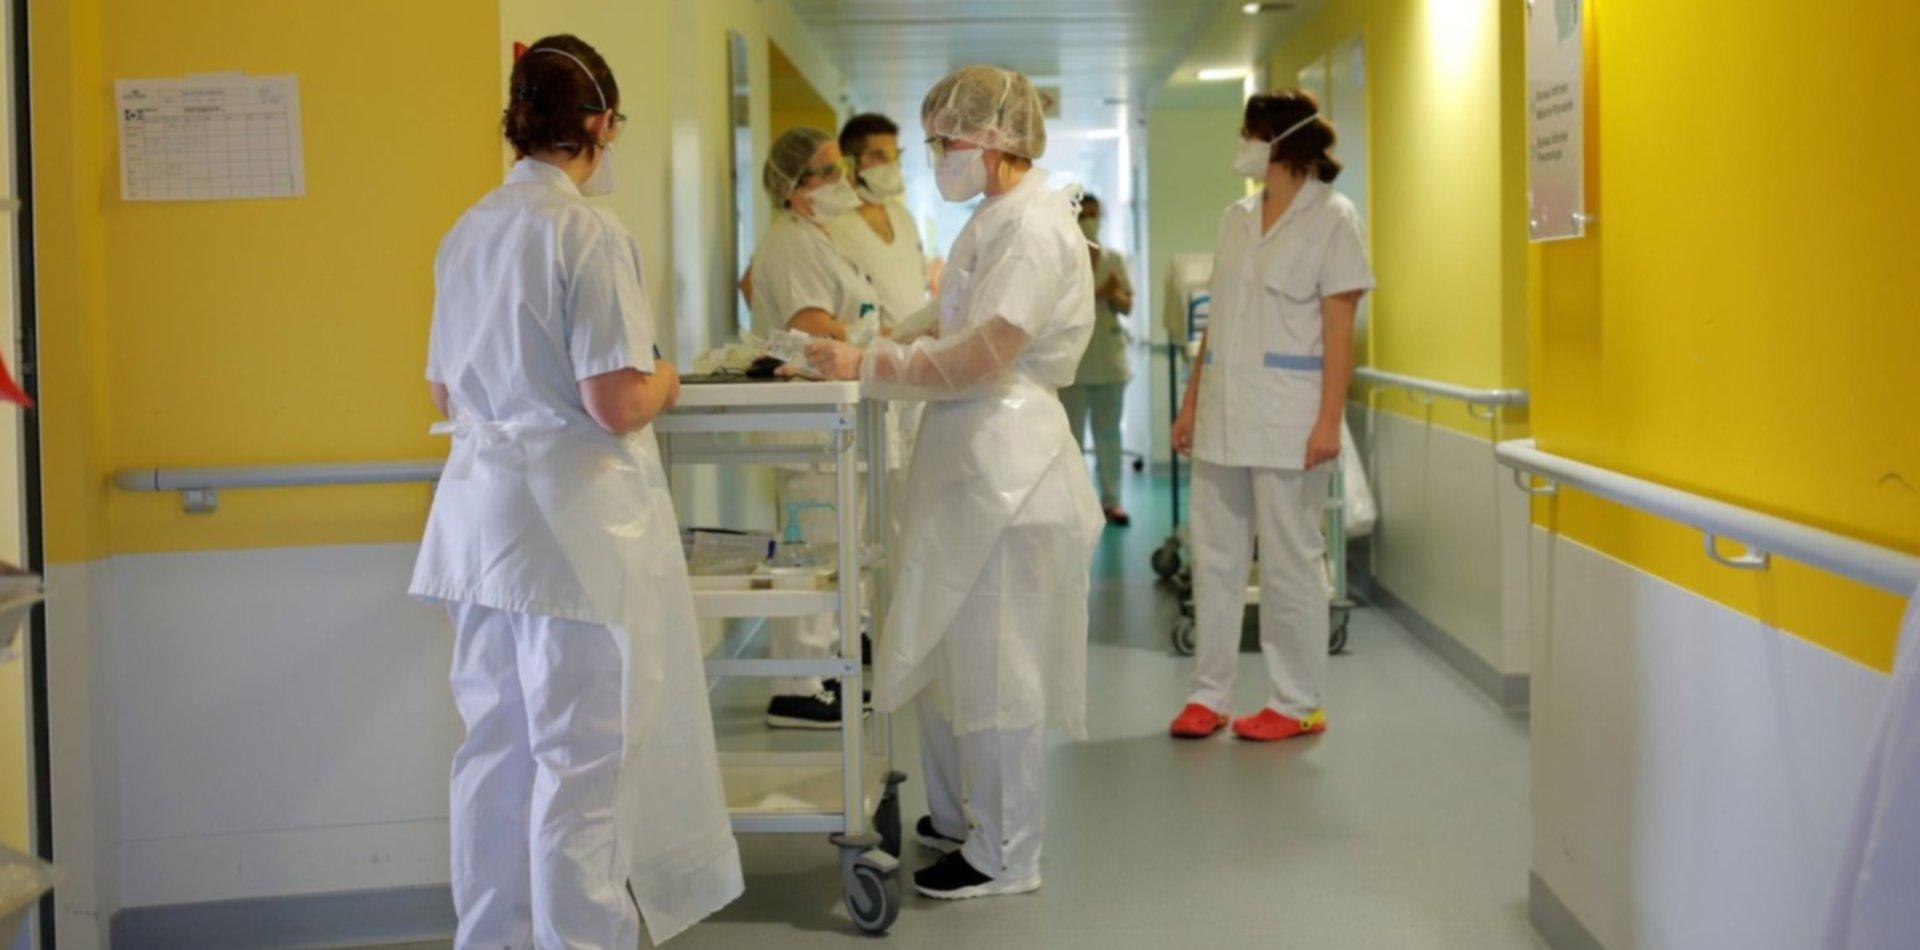 Ya sumaron 500 profesionales a los hospitales bonaerenses y planean incorporar 3500 más